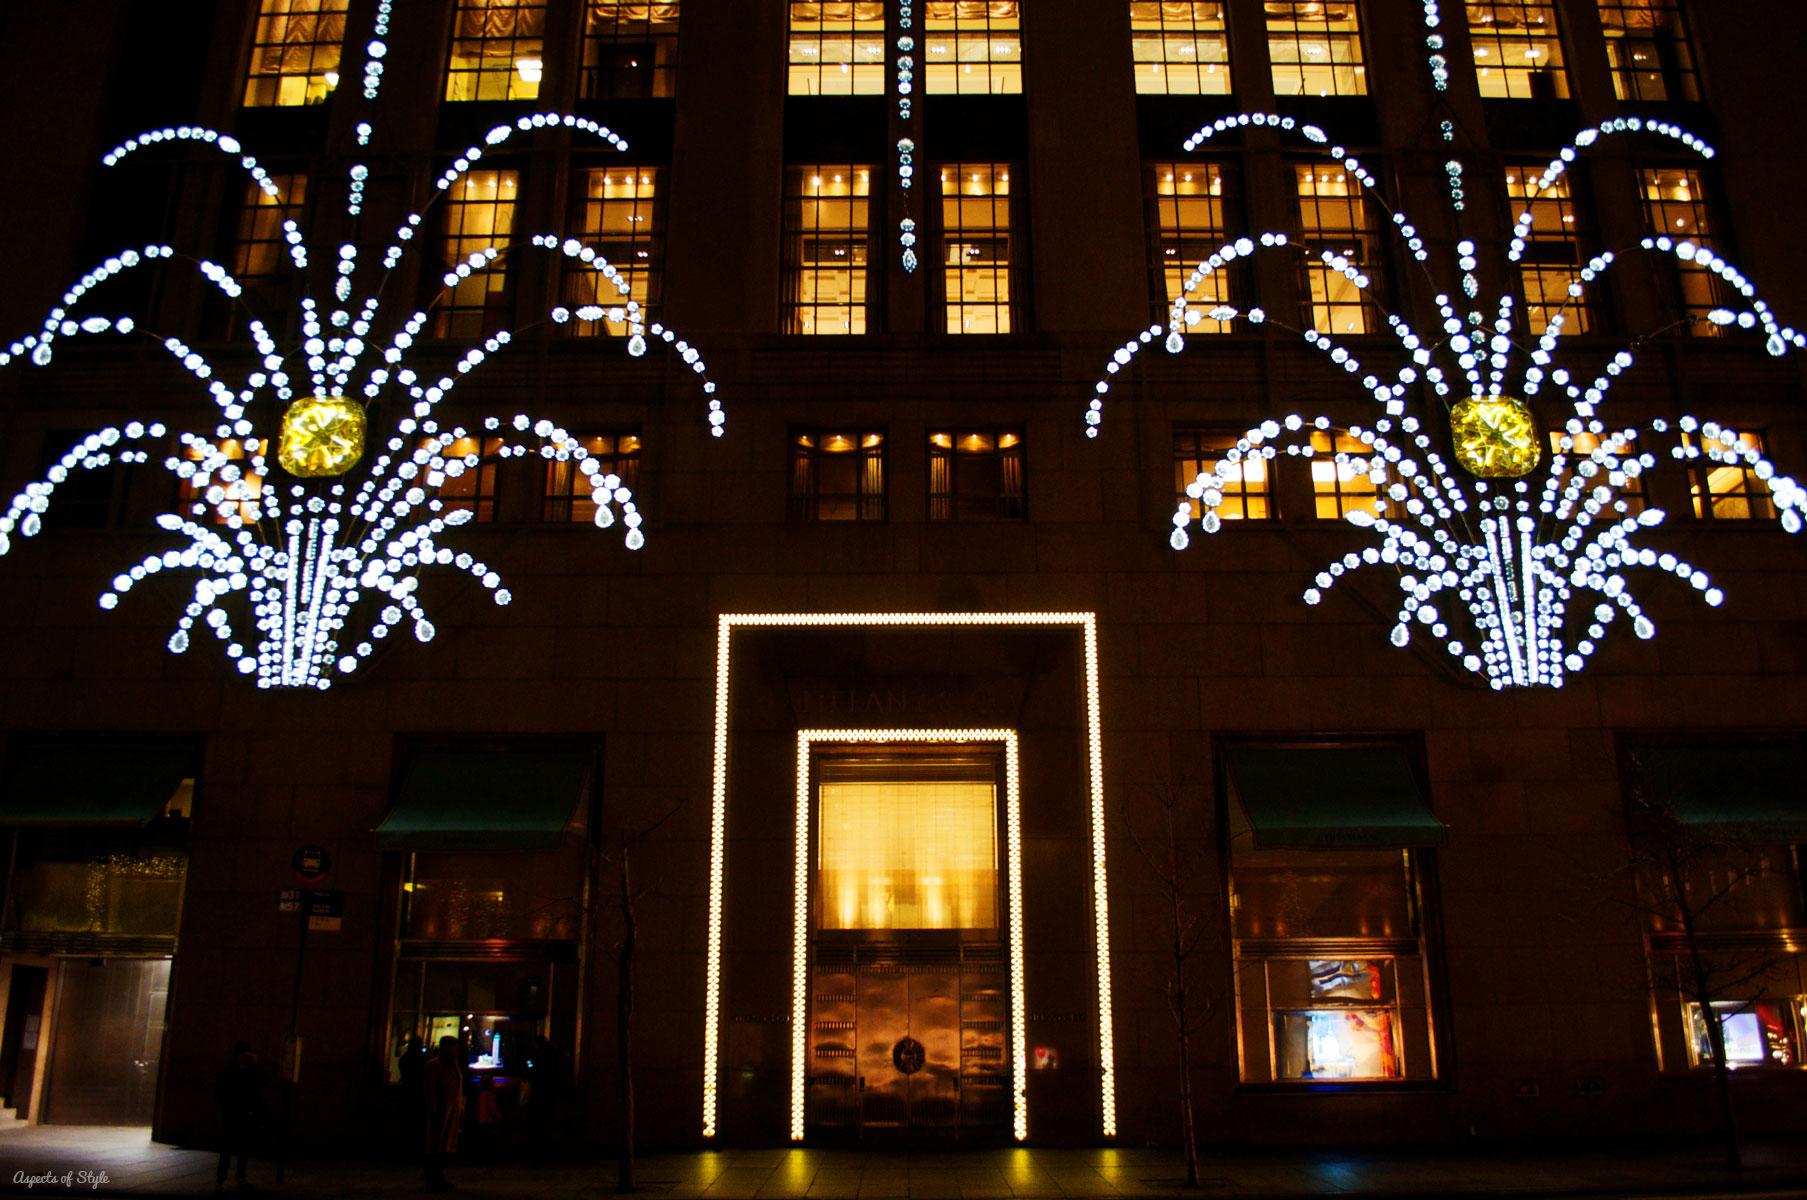 Tiffany & Co in 5th Avenue